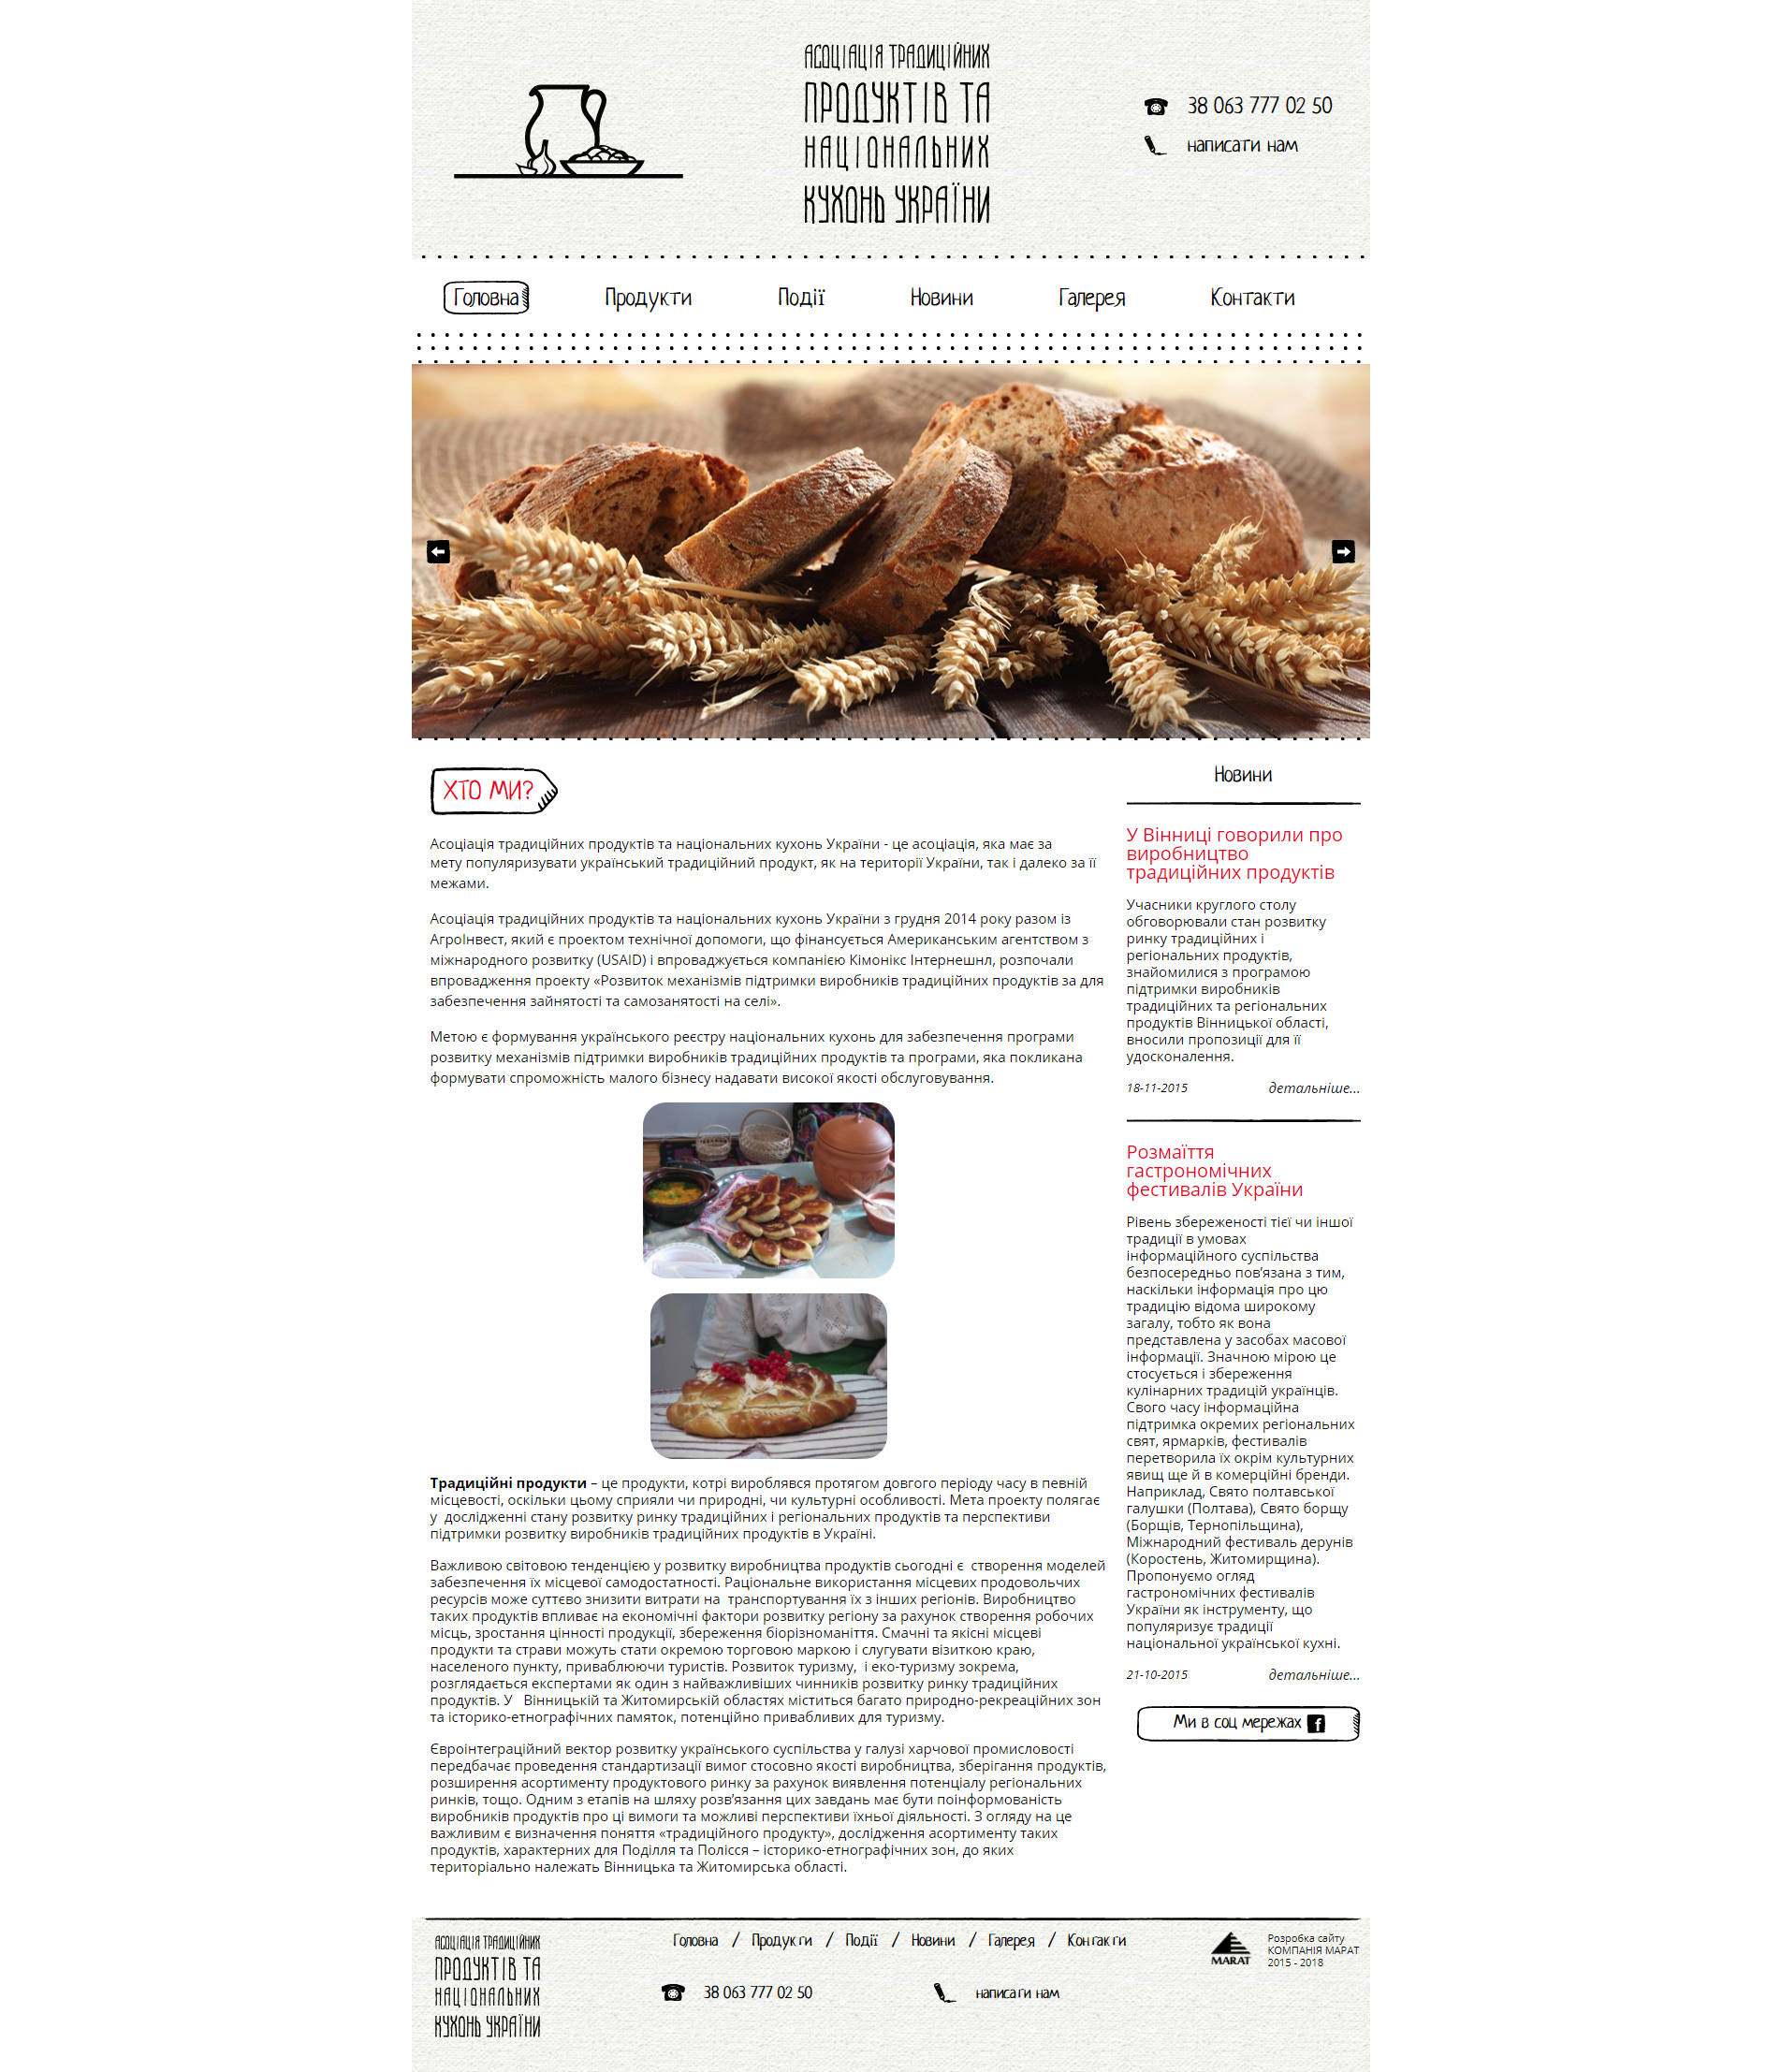 Асоціація традиційних продуктів та національних кухонь України